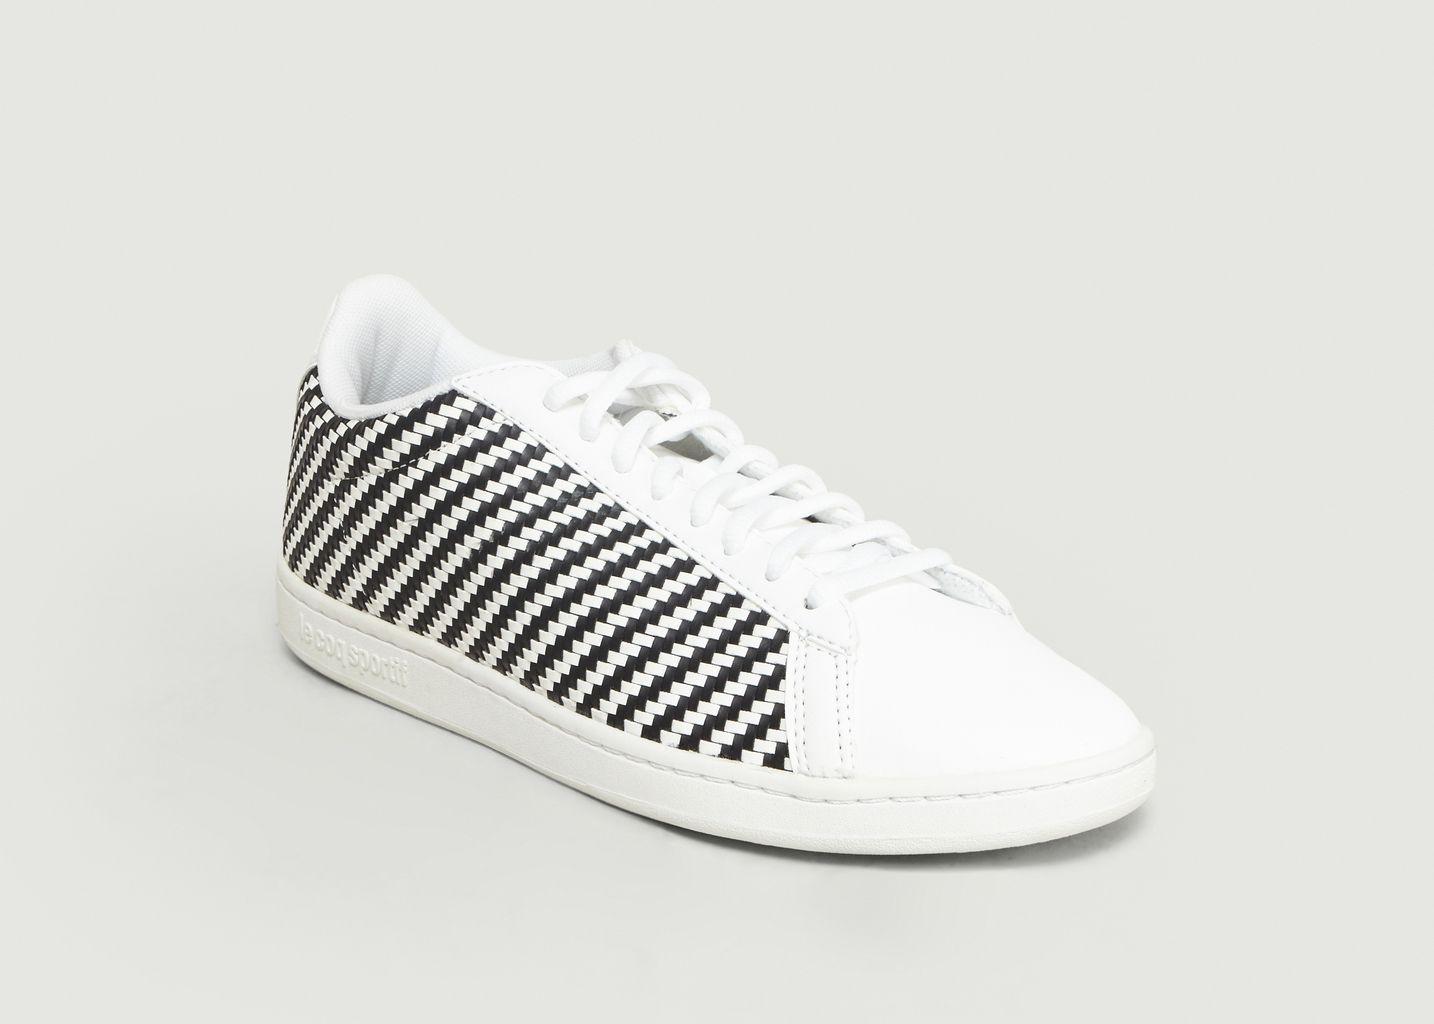 Le 40 Soldes À Courtset L W Sportif Woven Sneakers Blanc Coq q44rXOxz